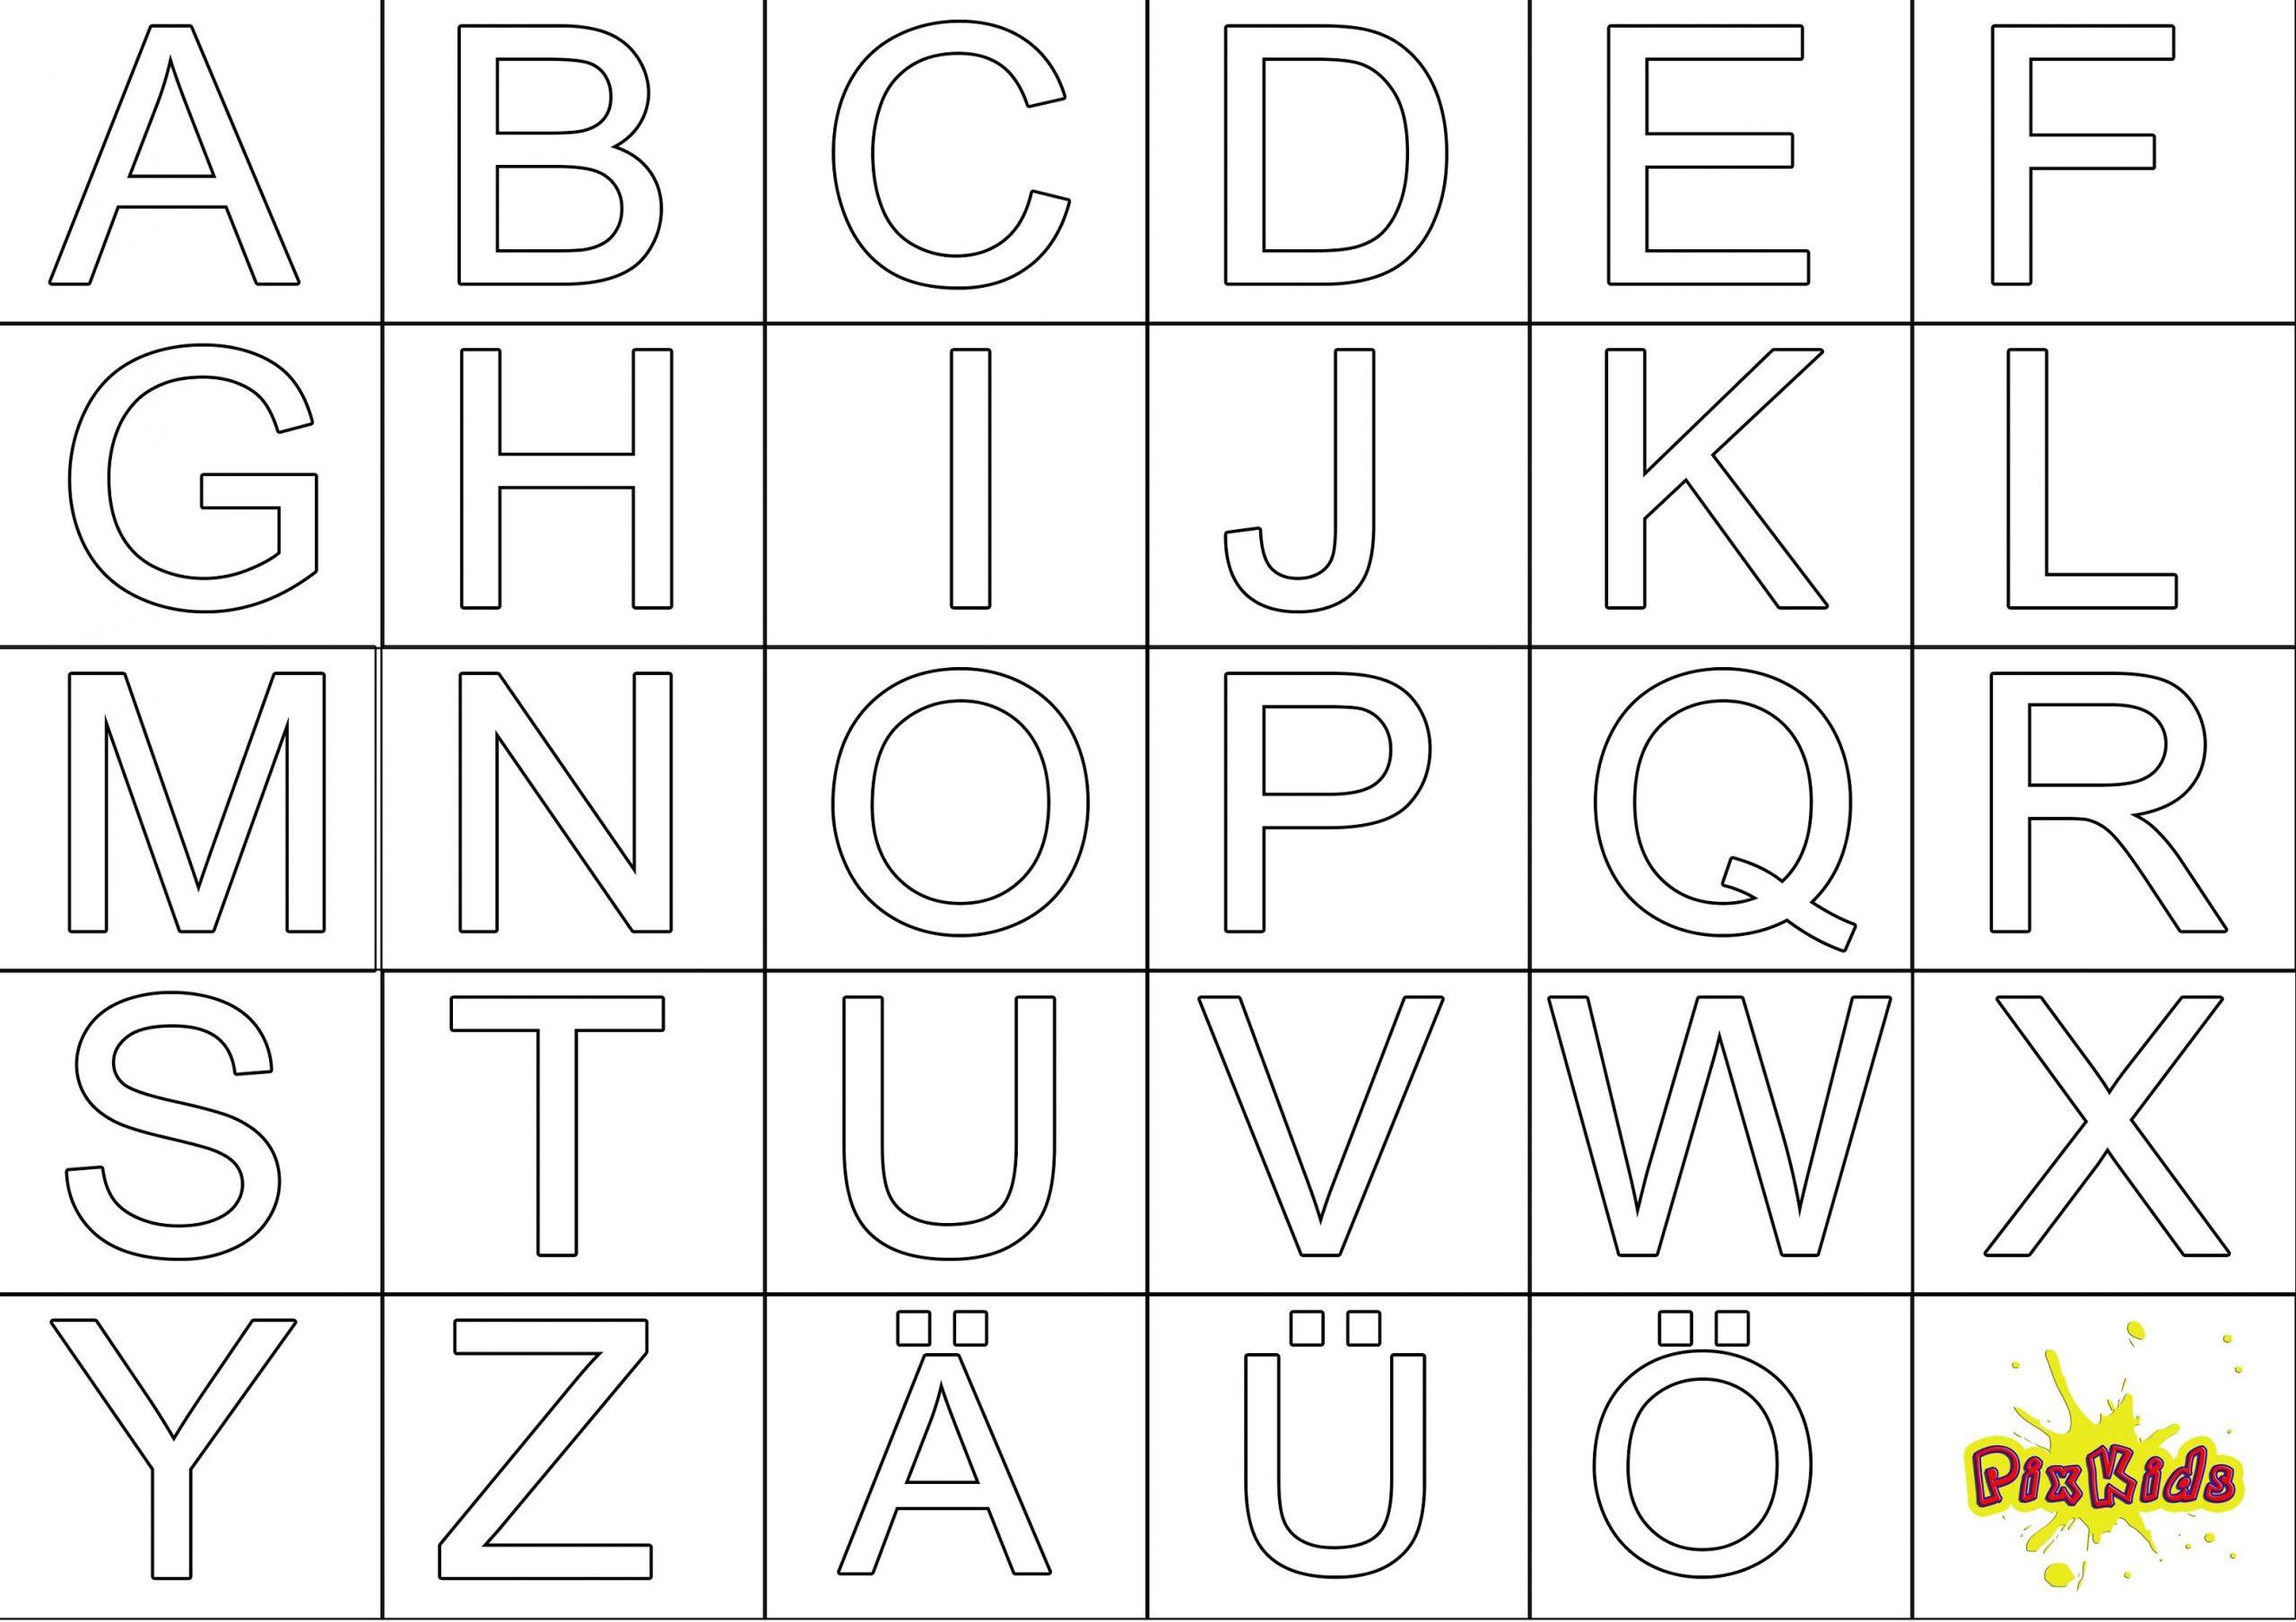 Ausmalbild Abc   Buchstaben Vorlagen Zum Ausdrucken bei Abc Buchstaben Zum Ausdrucken